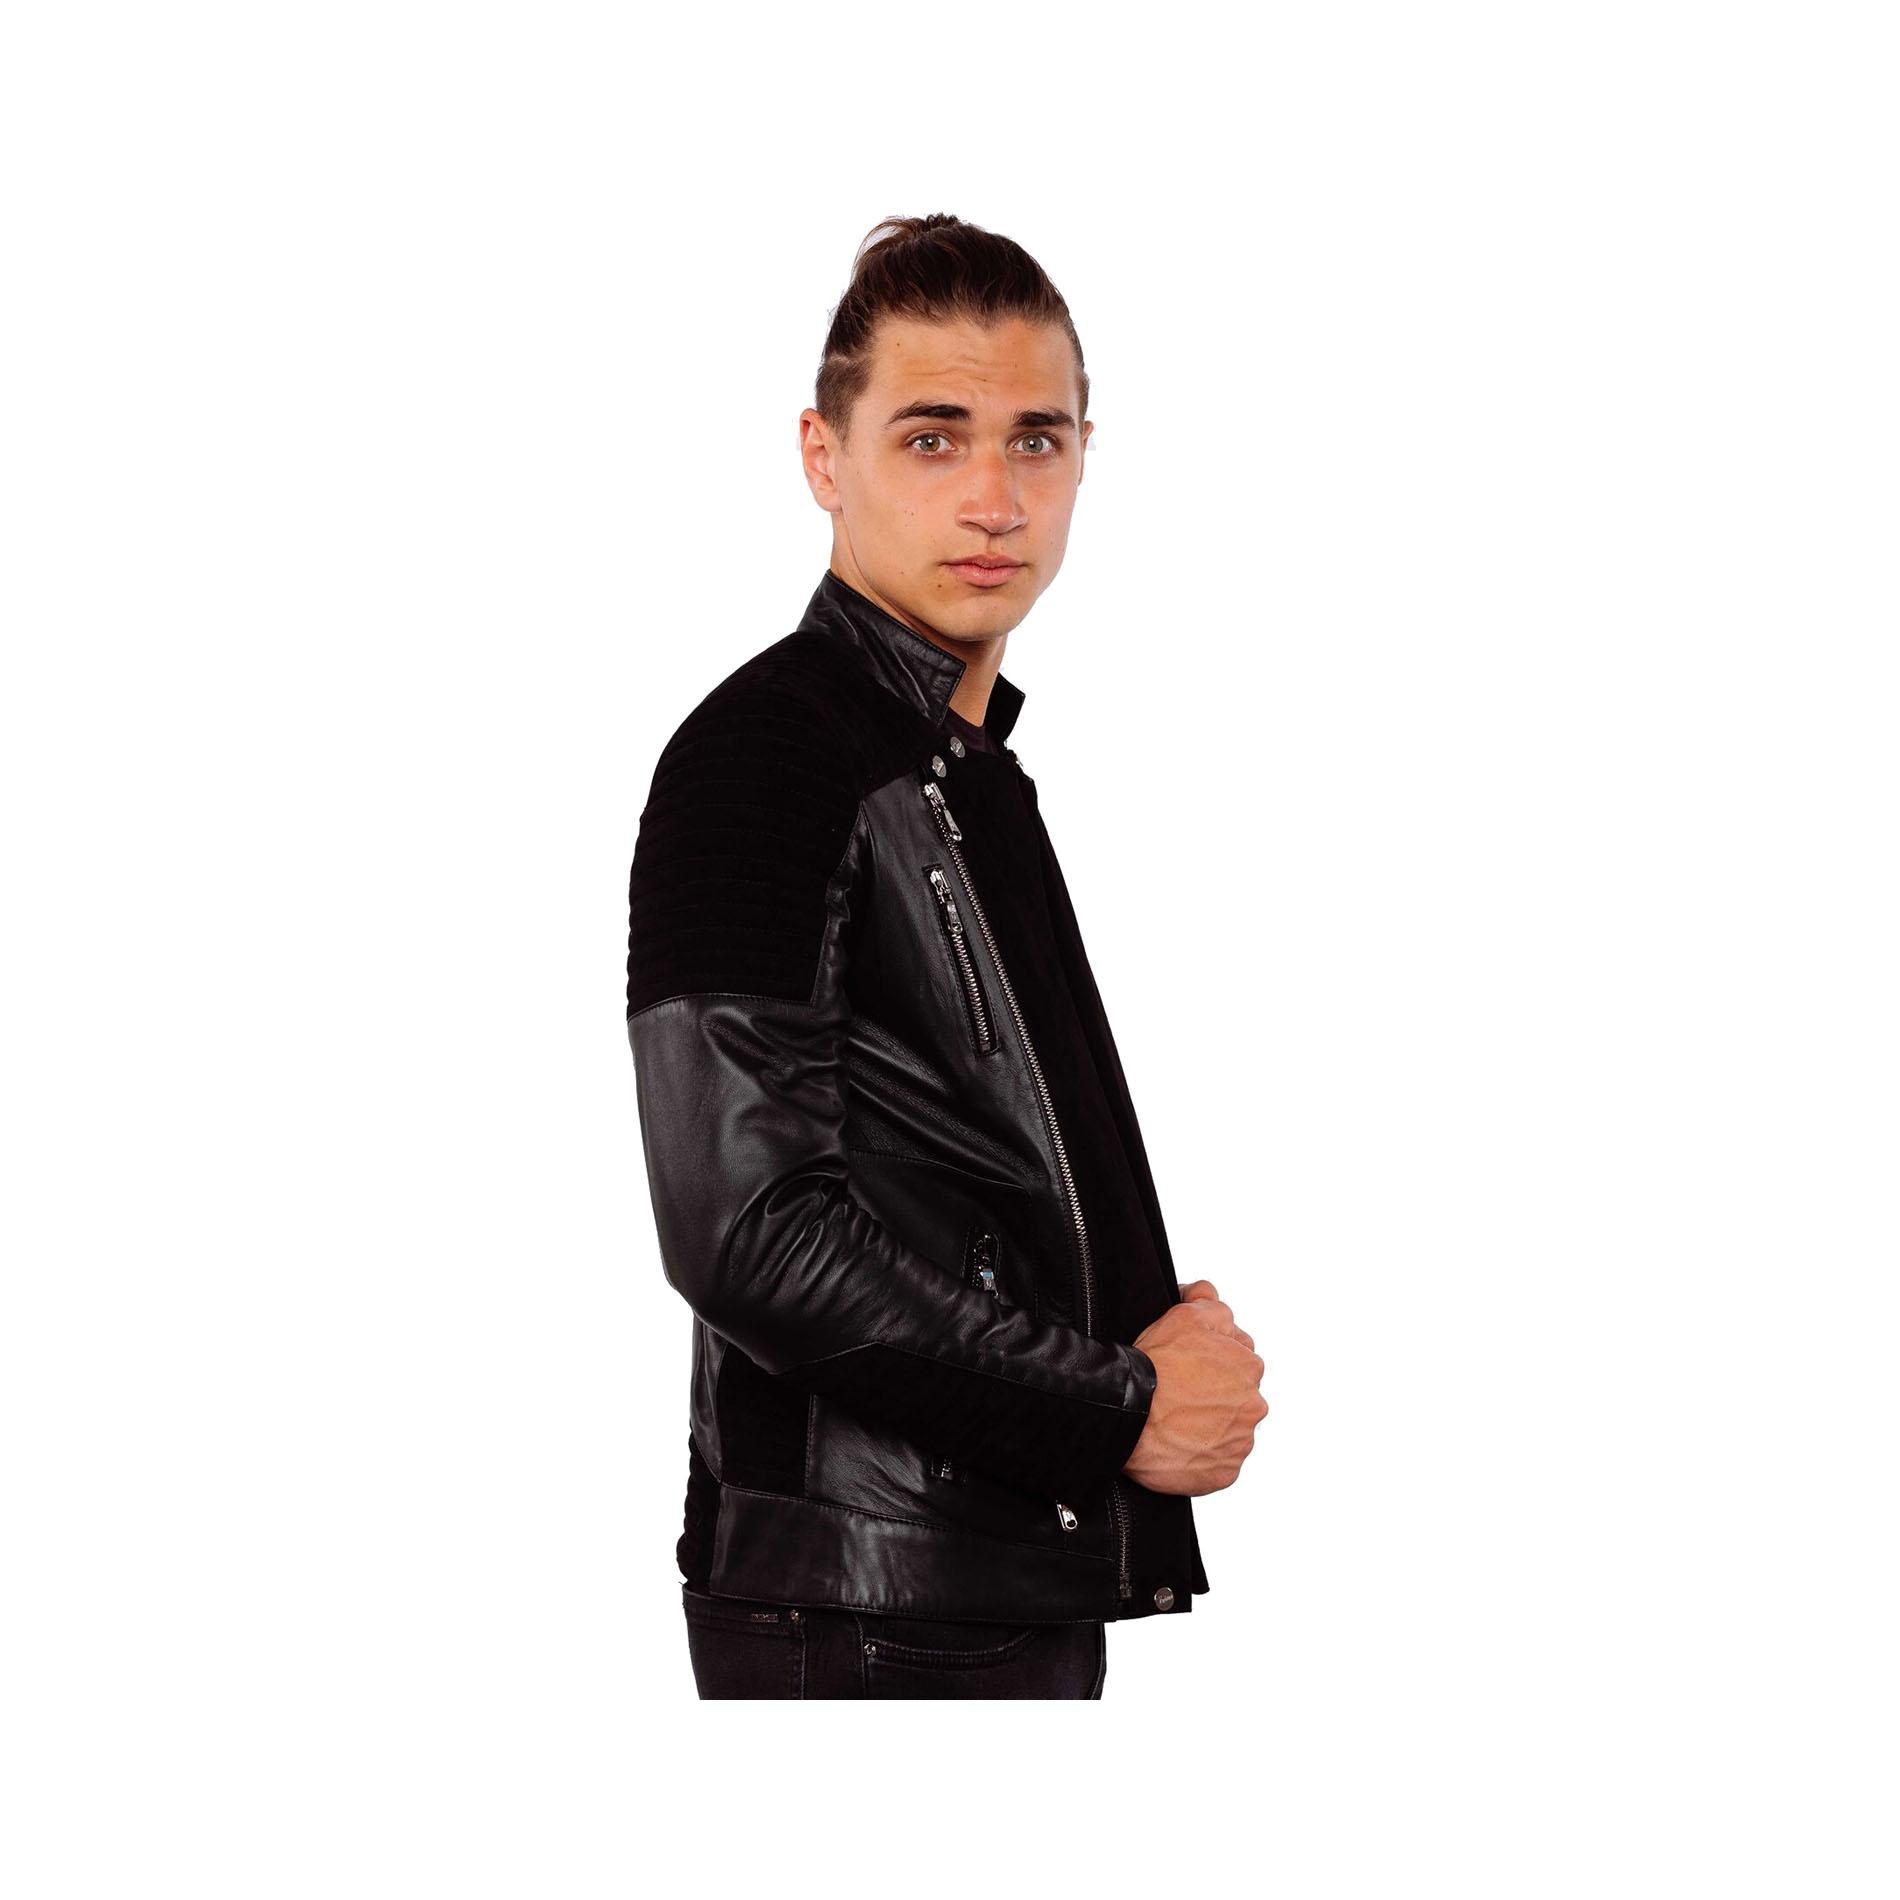 3f531203bb5c4 Black Motard Daim Et Veste En Cuir Noir Alex All D agneau Ventiuno  qzPZAxfCwx